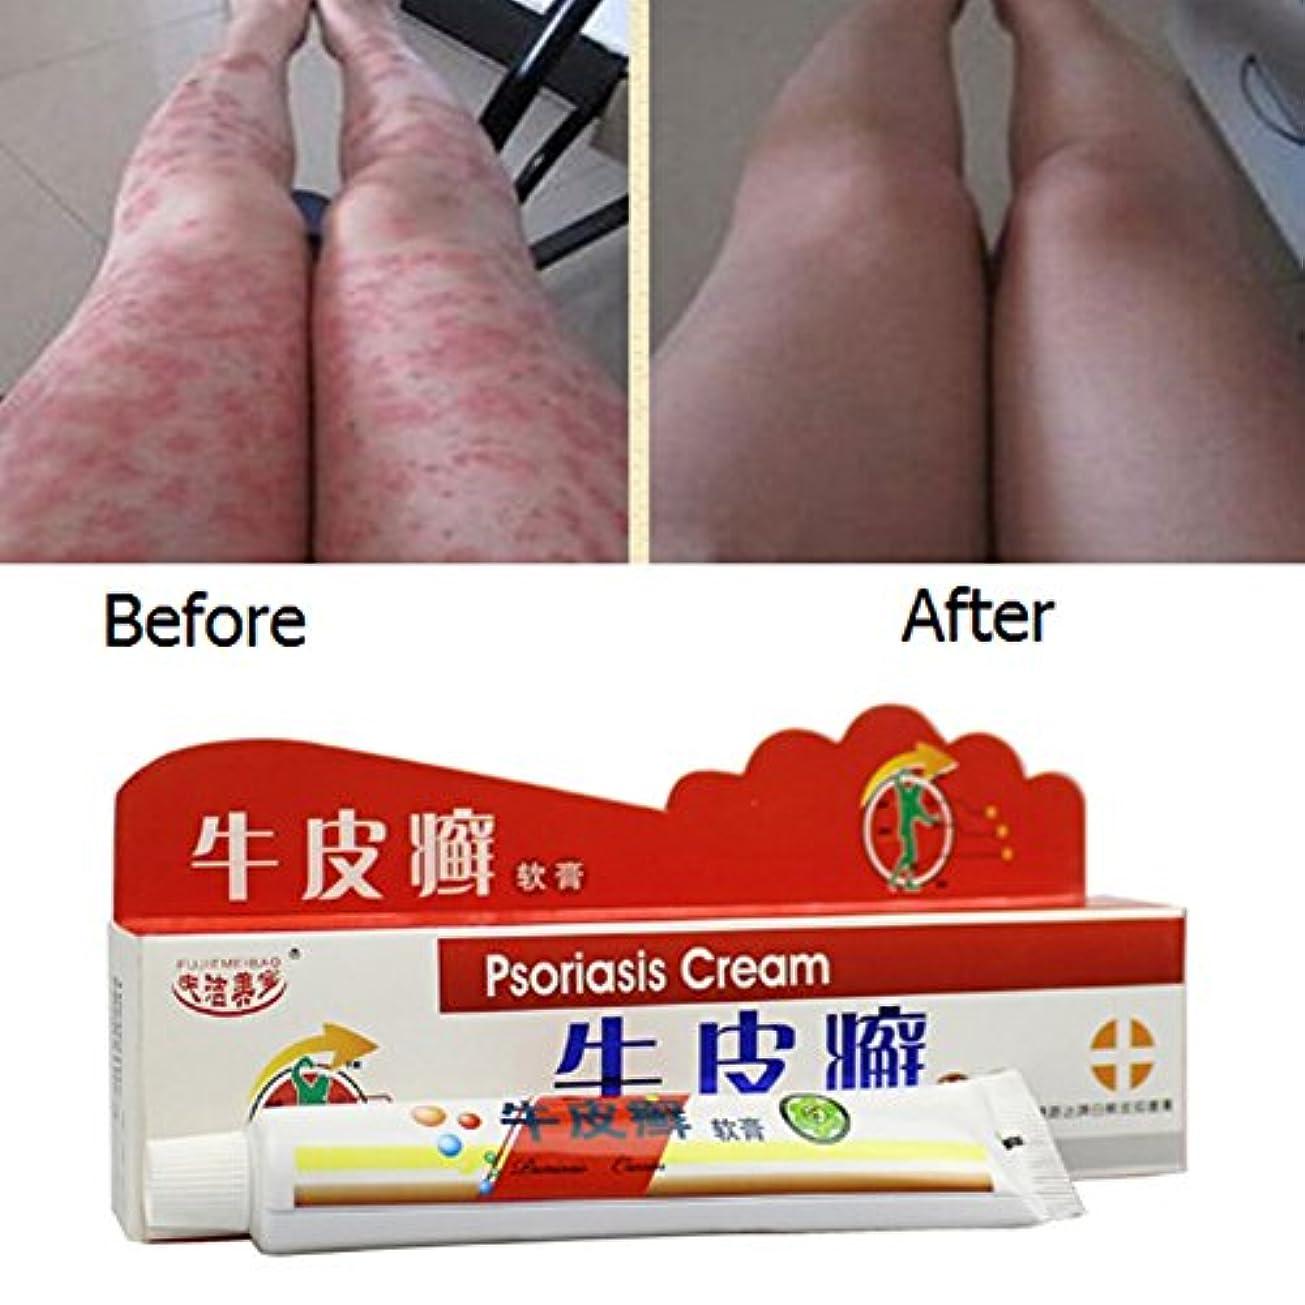 ダニ規模公演Balai 乾癬クリーム 中国のハーブ抗菌軟膏クリーム 湿疹乾癬 治療かゆみ止めクリーム